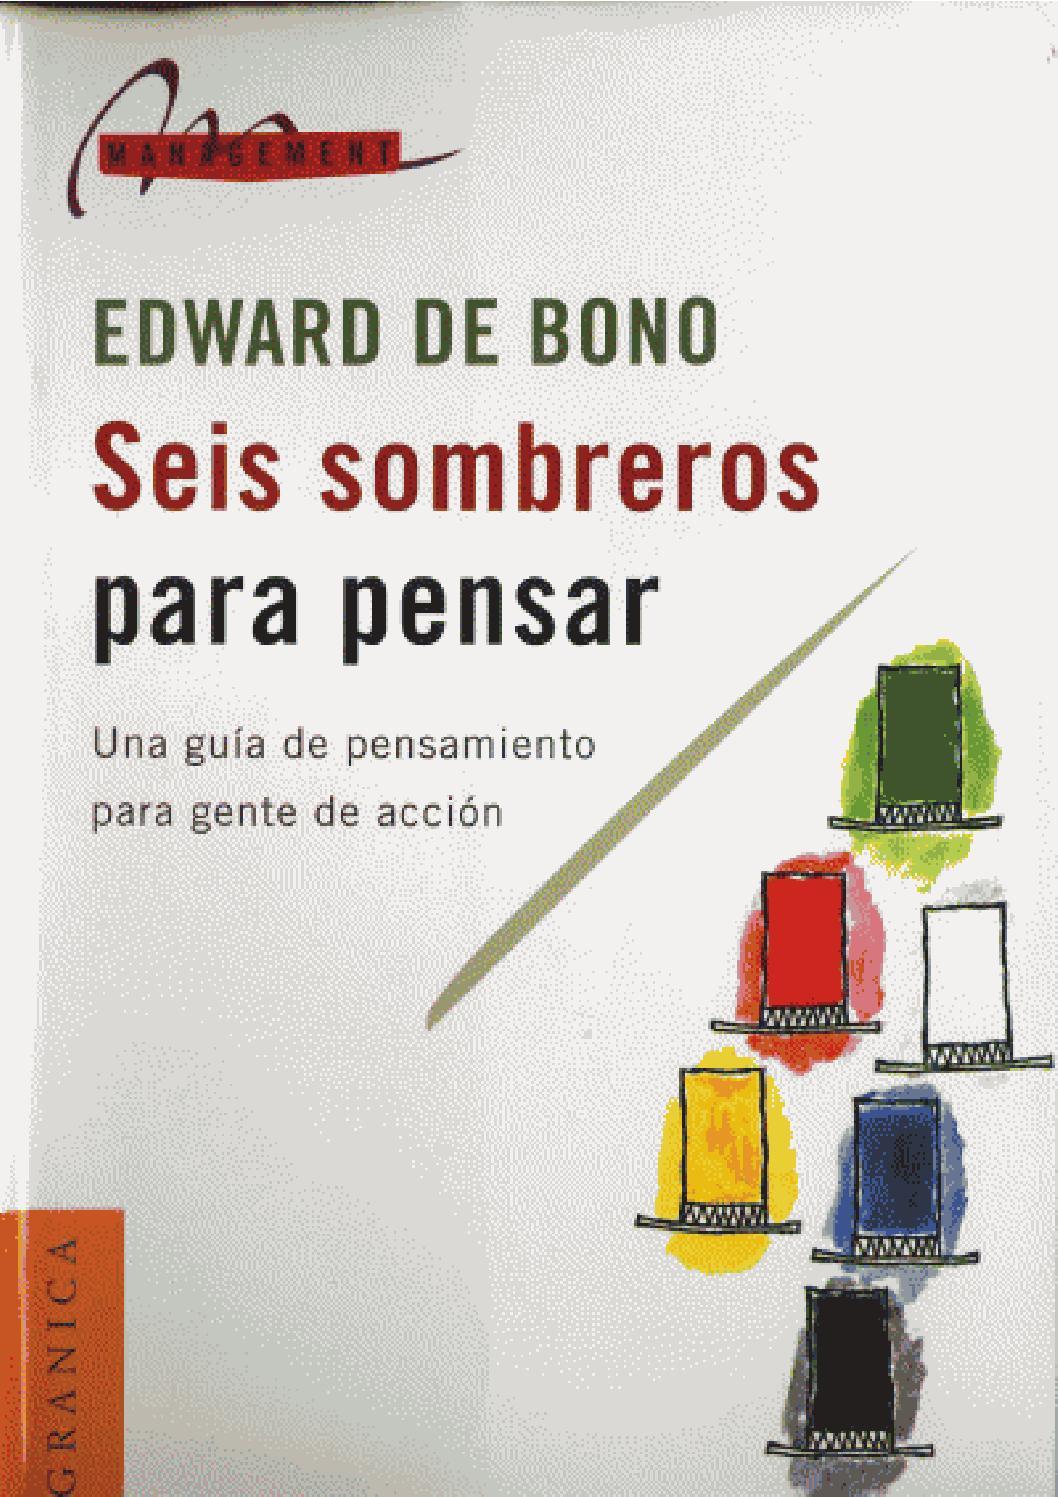 a624b278f04da Seis sombreros para pensar - Edward de Bono by Verba Scripta - issuu